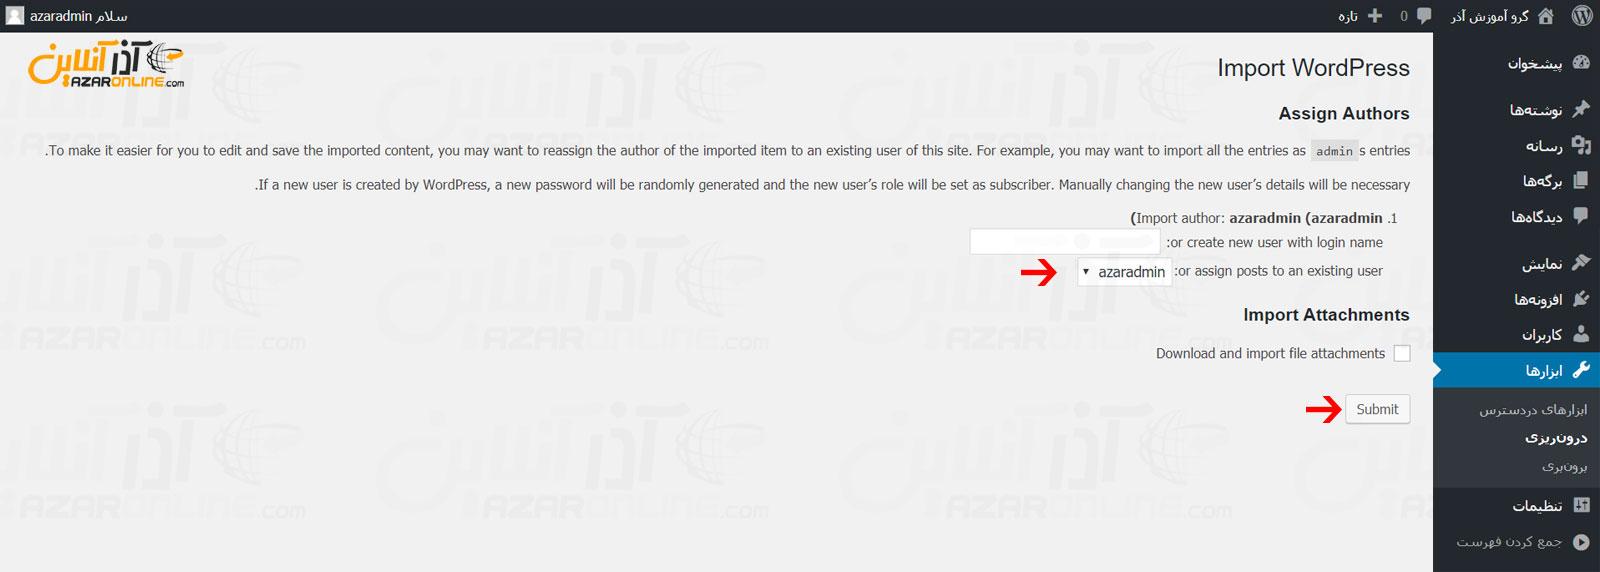 انتخاب نام کاربری برای انتقال اطلاعات در وردپرس